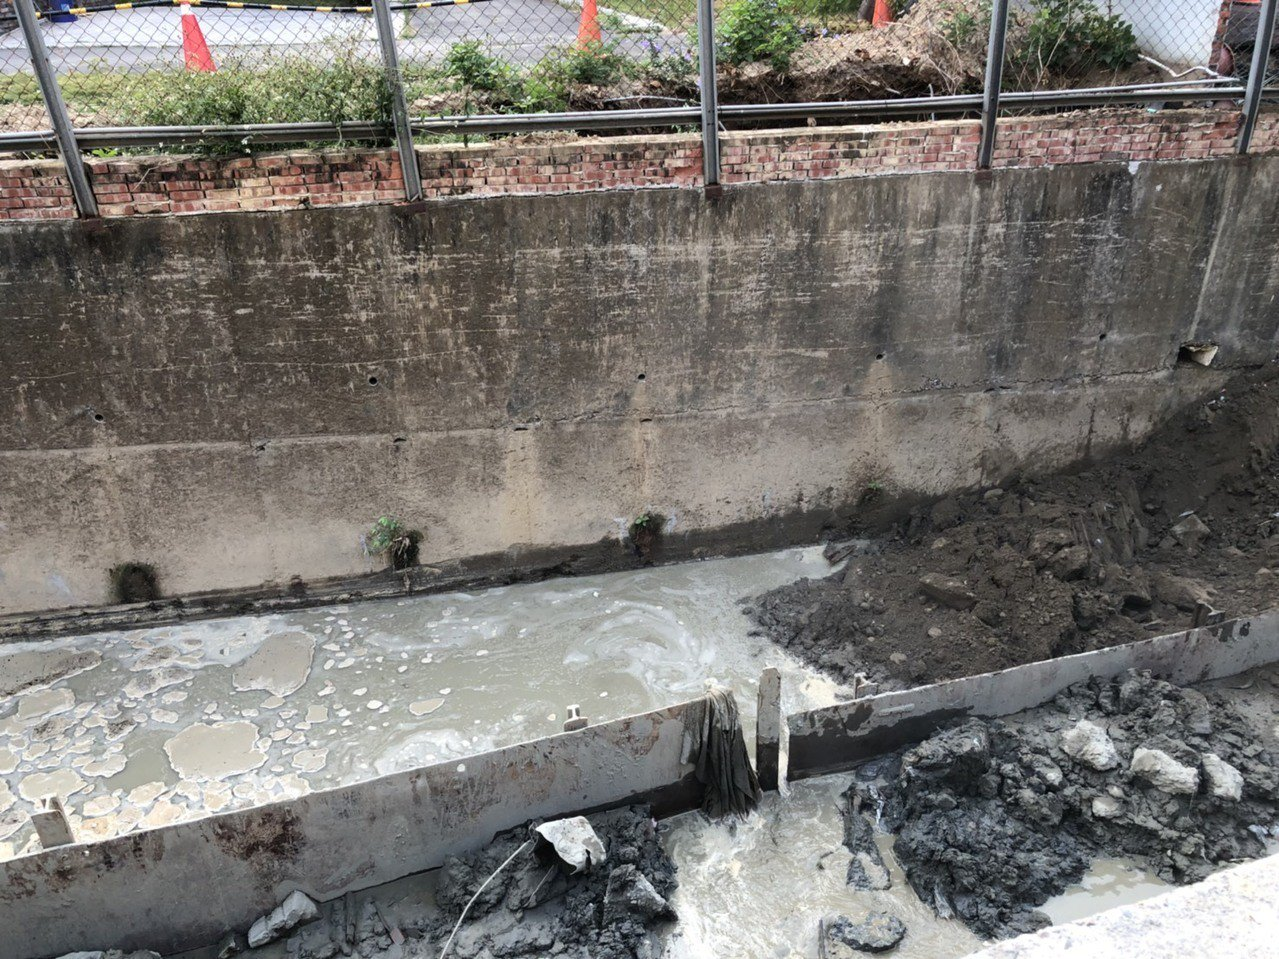 嘉義市政府工務處在新生路一帶做北排工程清淤,準備後續的護岸工程,疑因開挖時地下水...